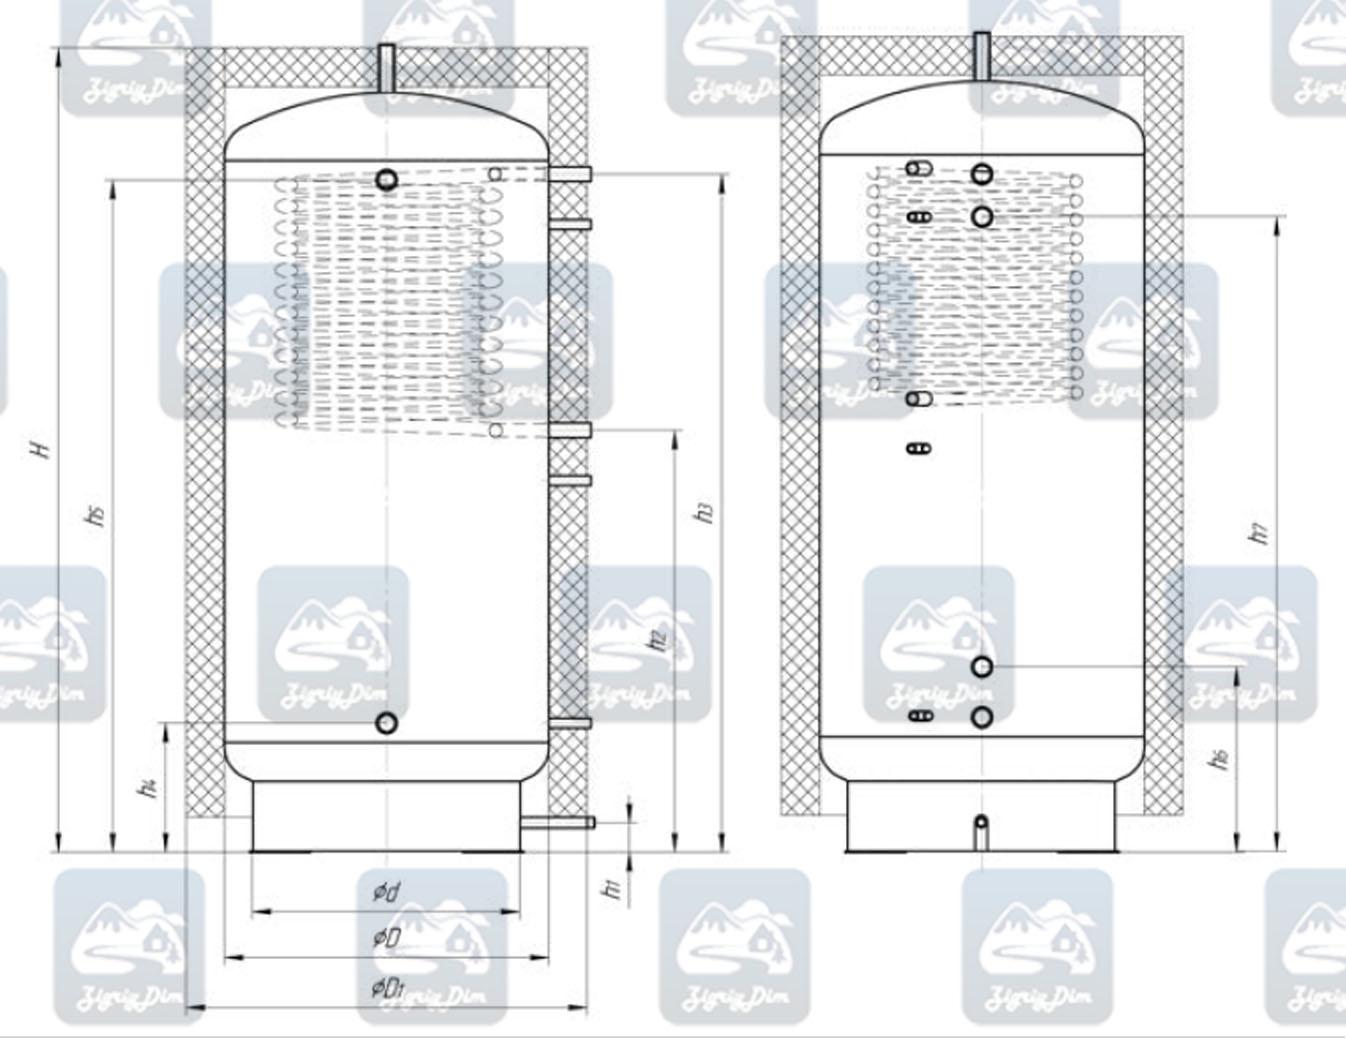 Схема теплоаккумулятора Альтеп ТА1 с верхним теплообменником